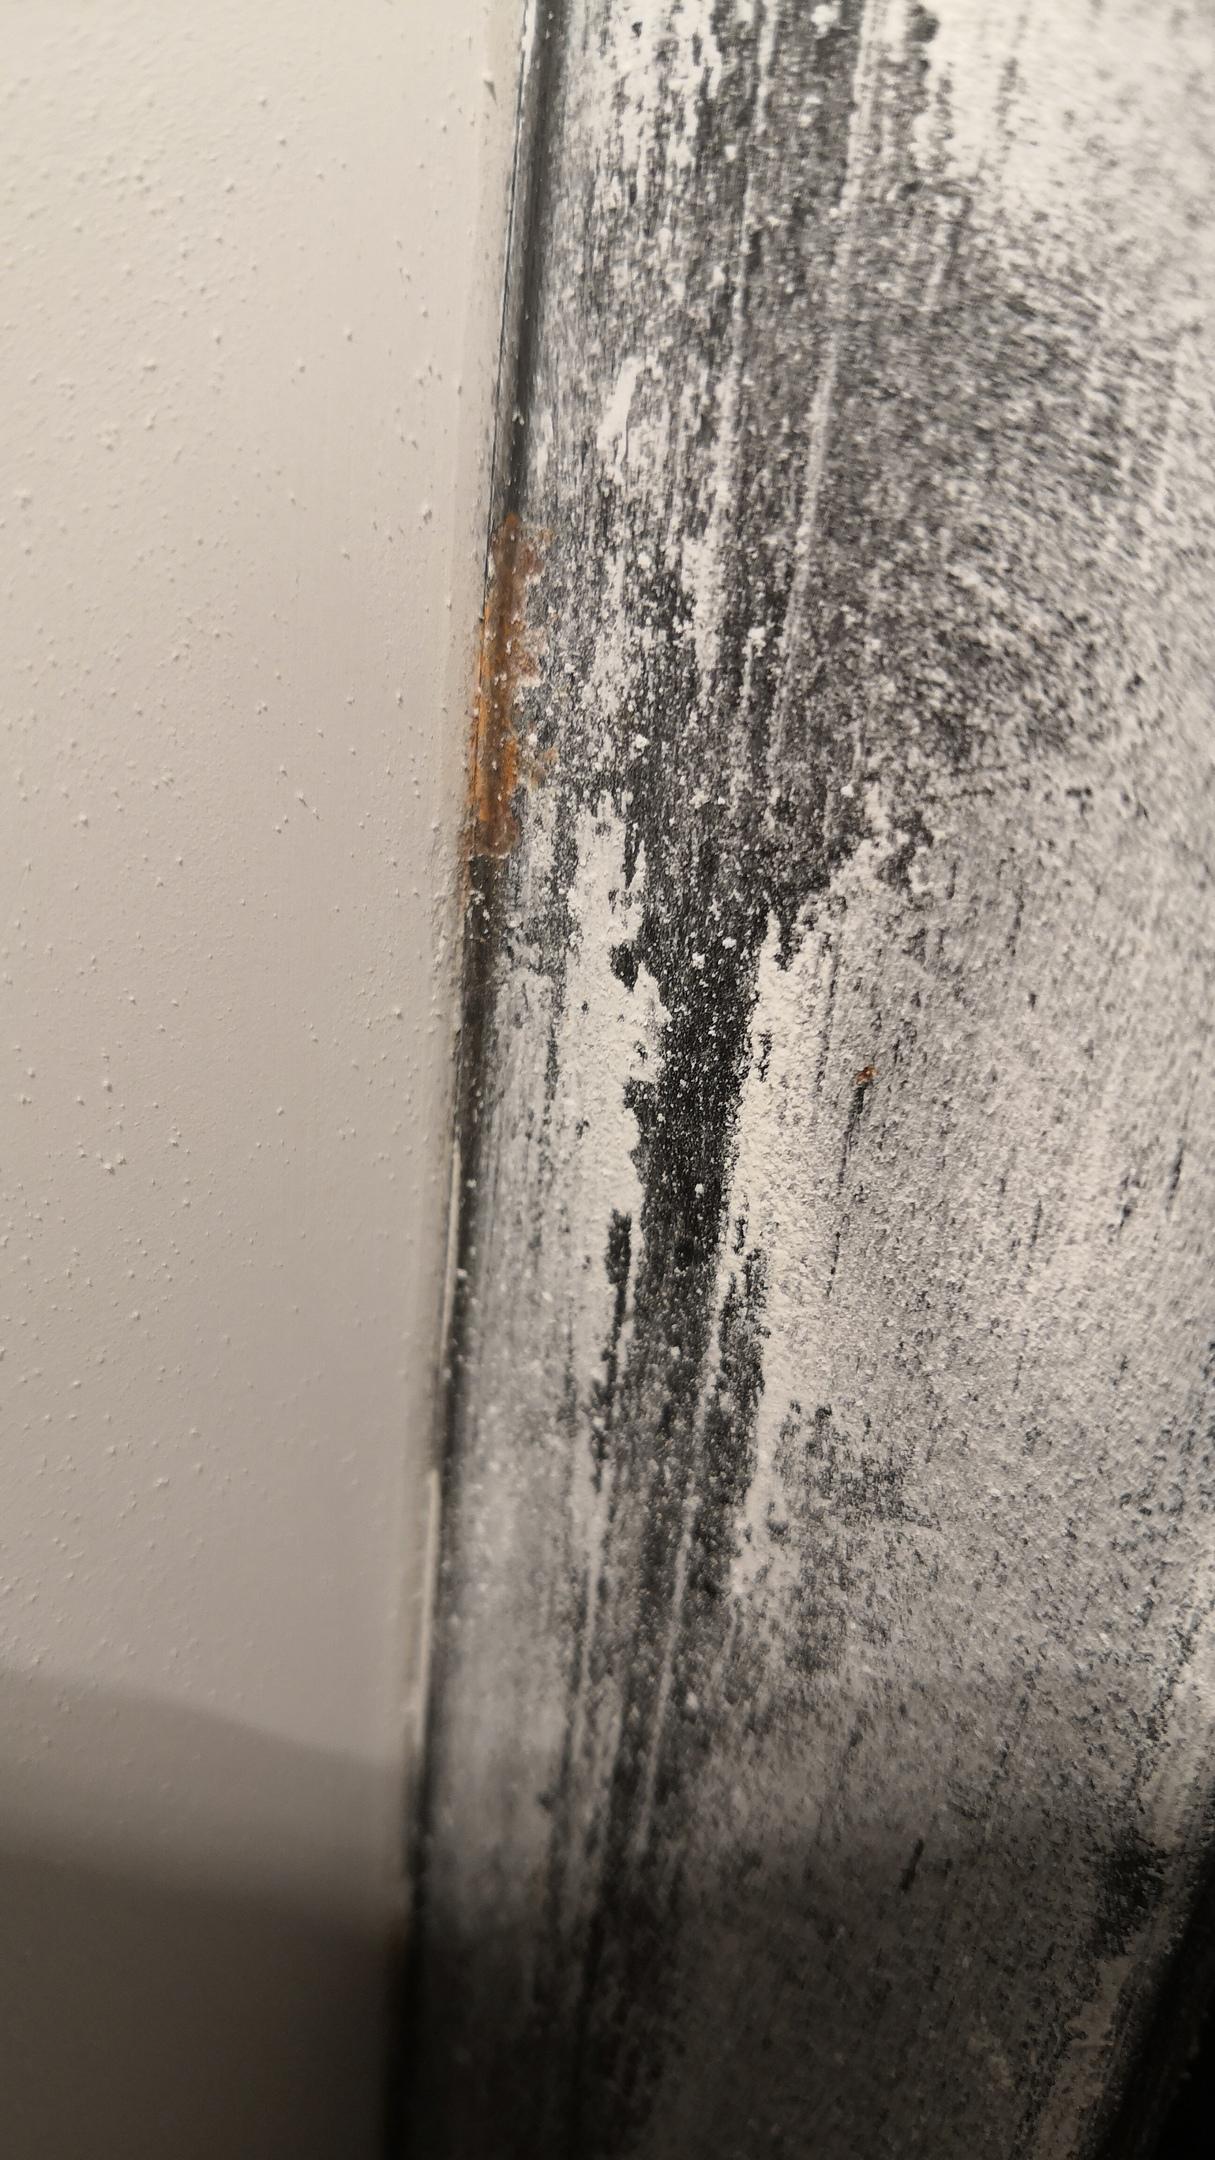 Ремонт квартир в Самаре под ключ - фото 61